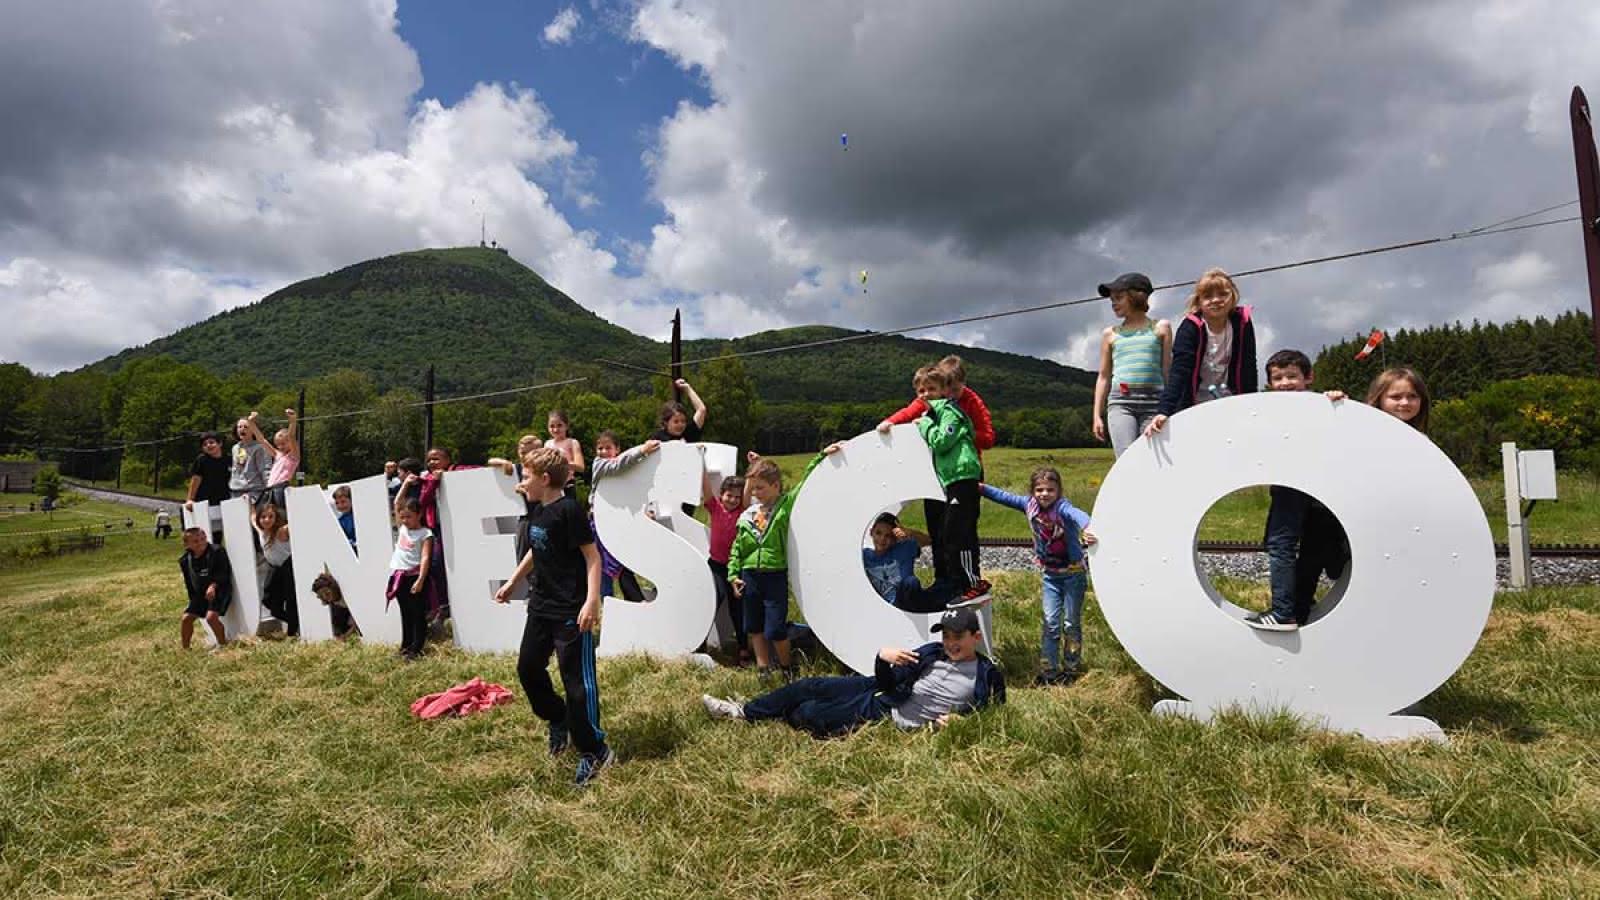 © Programme : Week-end anniversaire de l'inscription Unesco